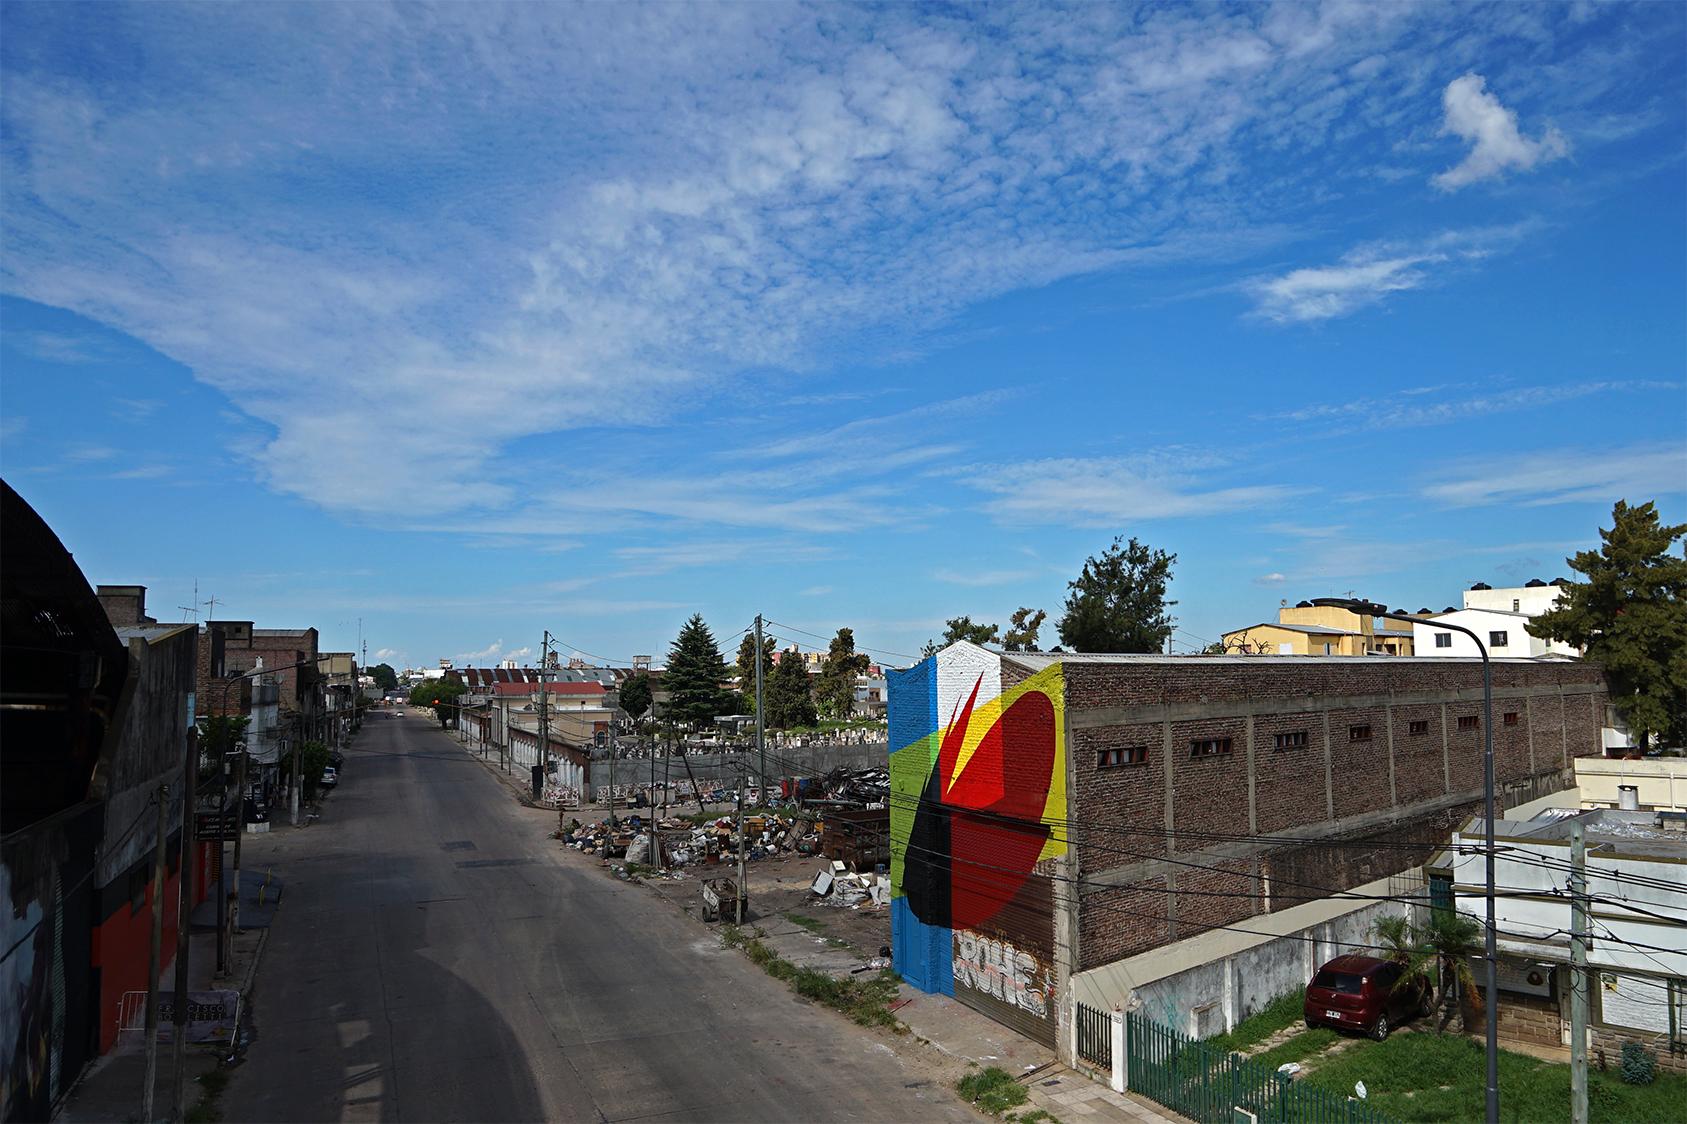 tour du monde des plus belles œuvres street art villetour du monde des plus belles œuvres street art ville